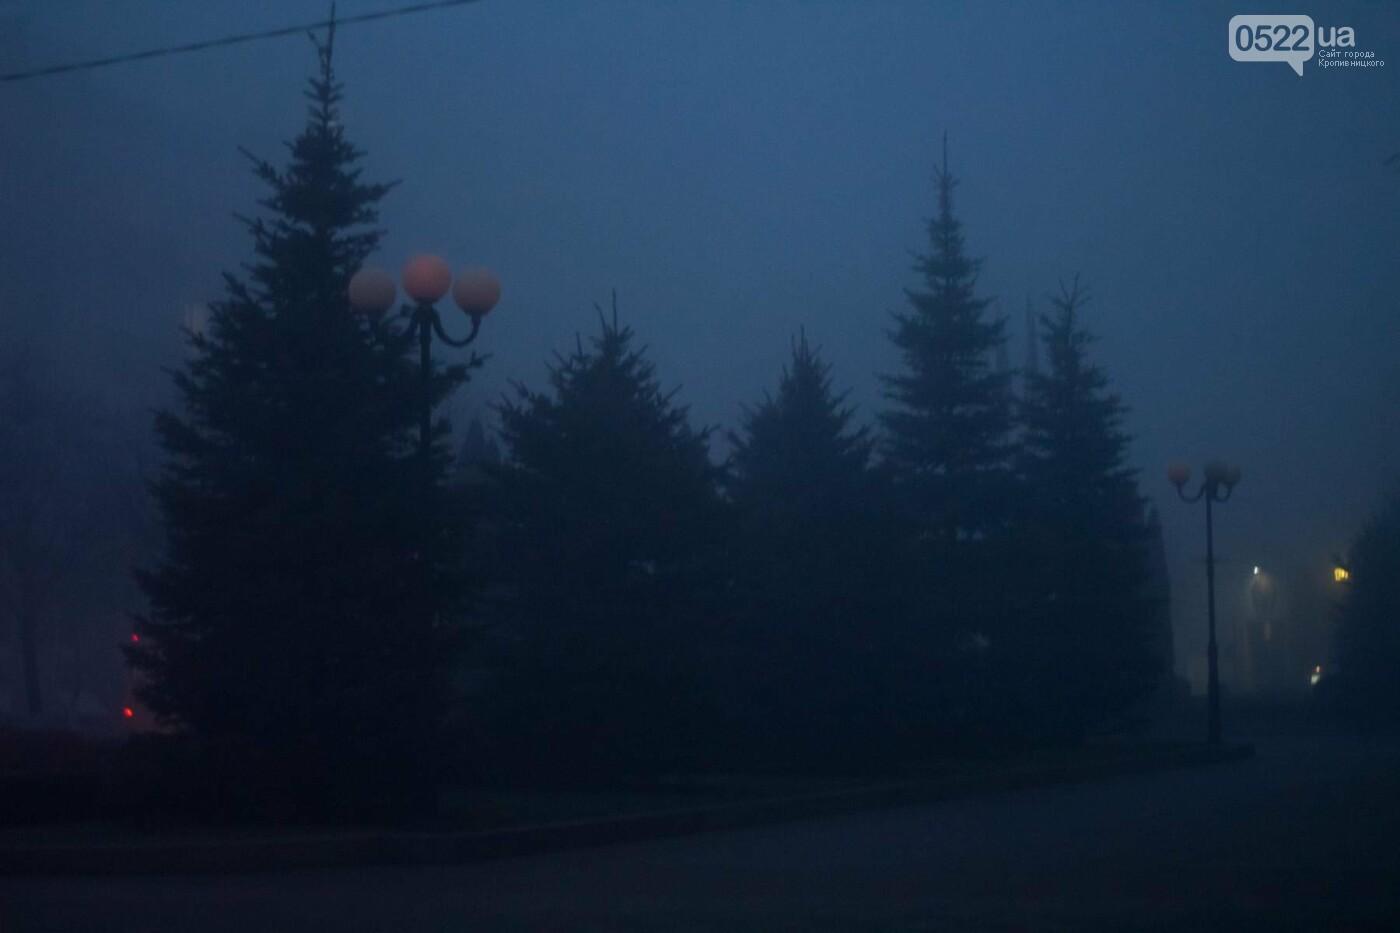 Зранку Кропивницький оповив густий туман. Фото, фото-2